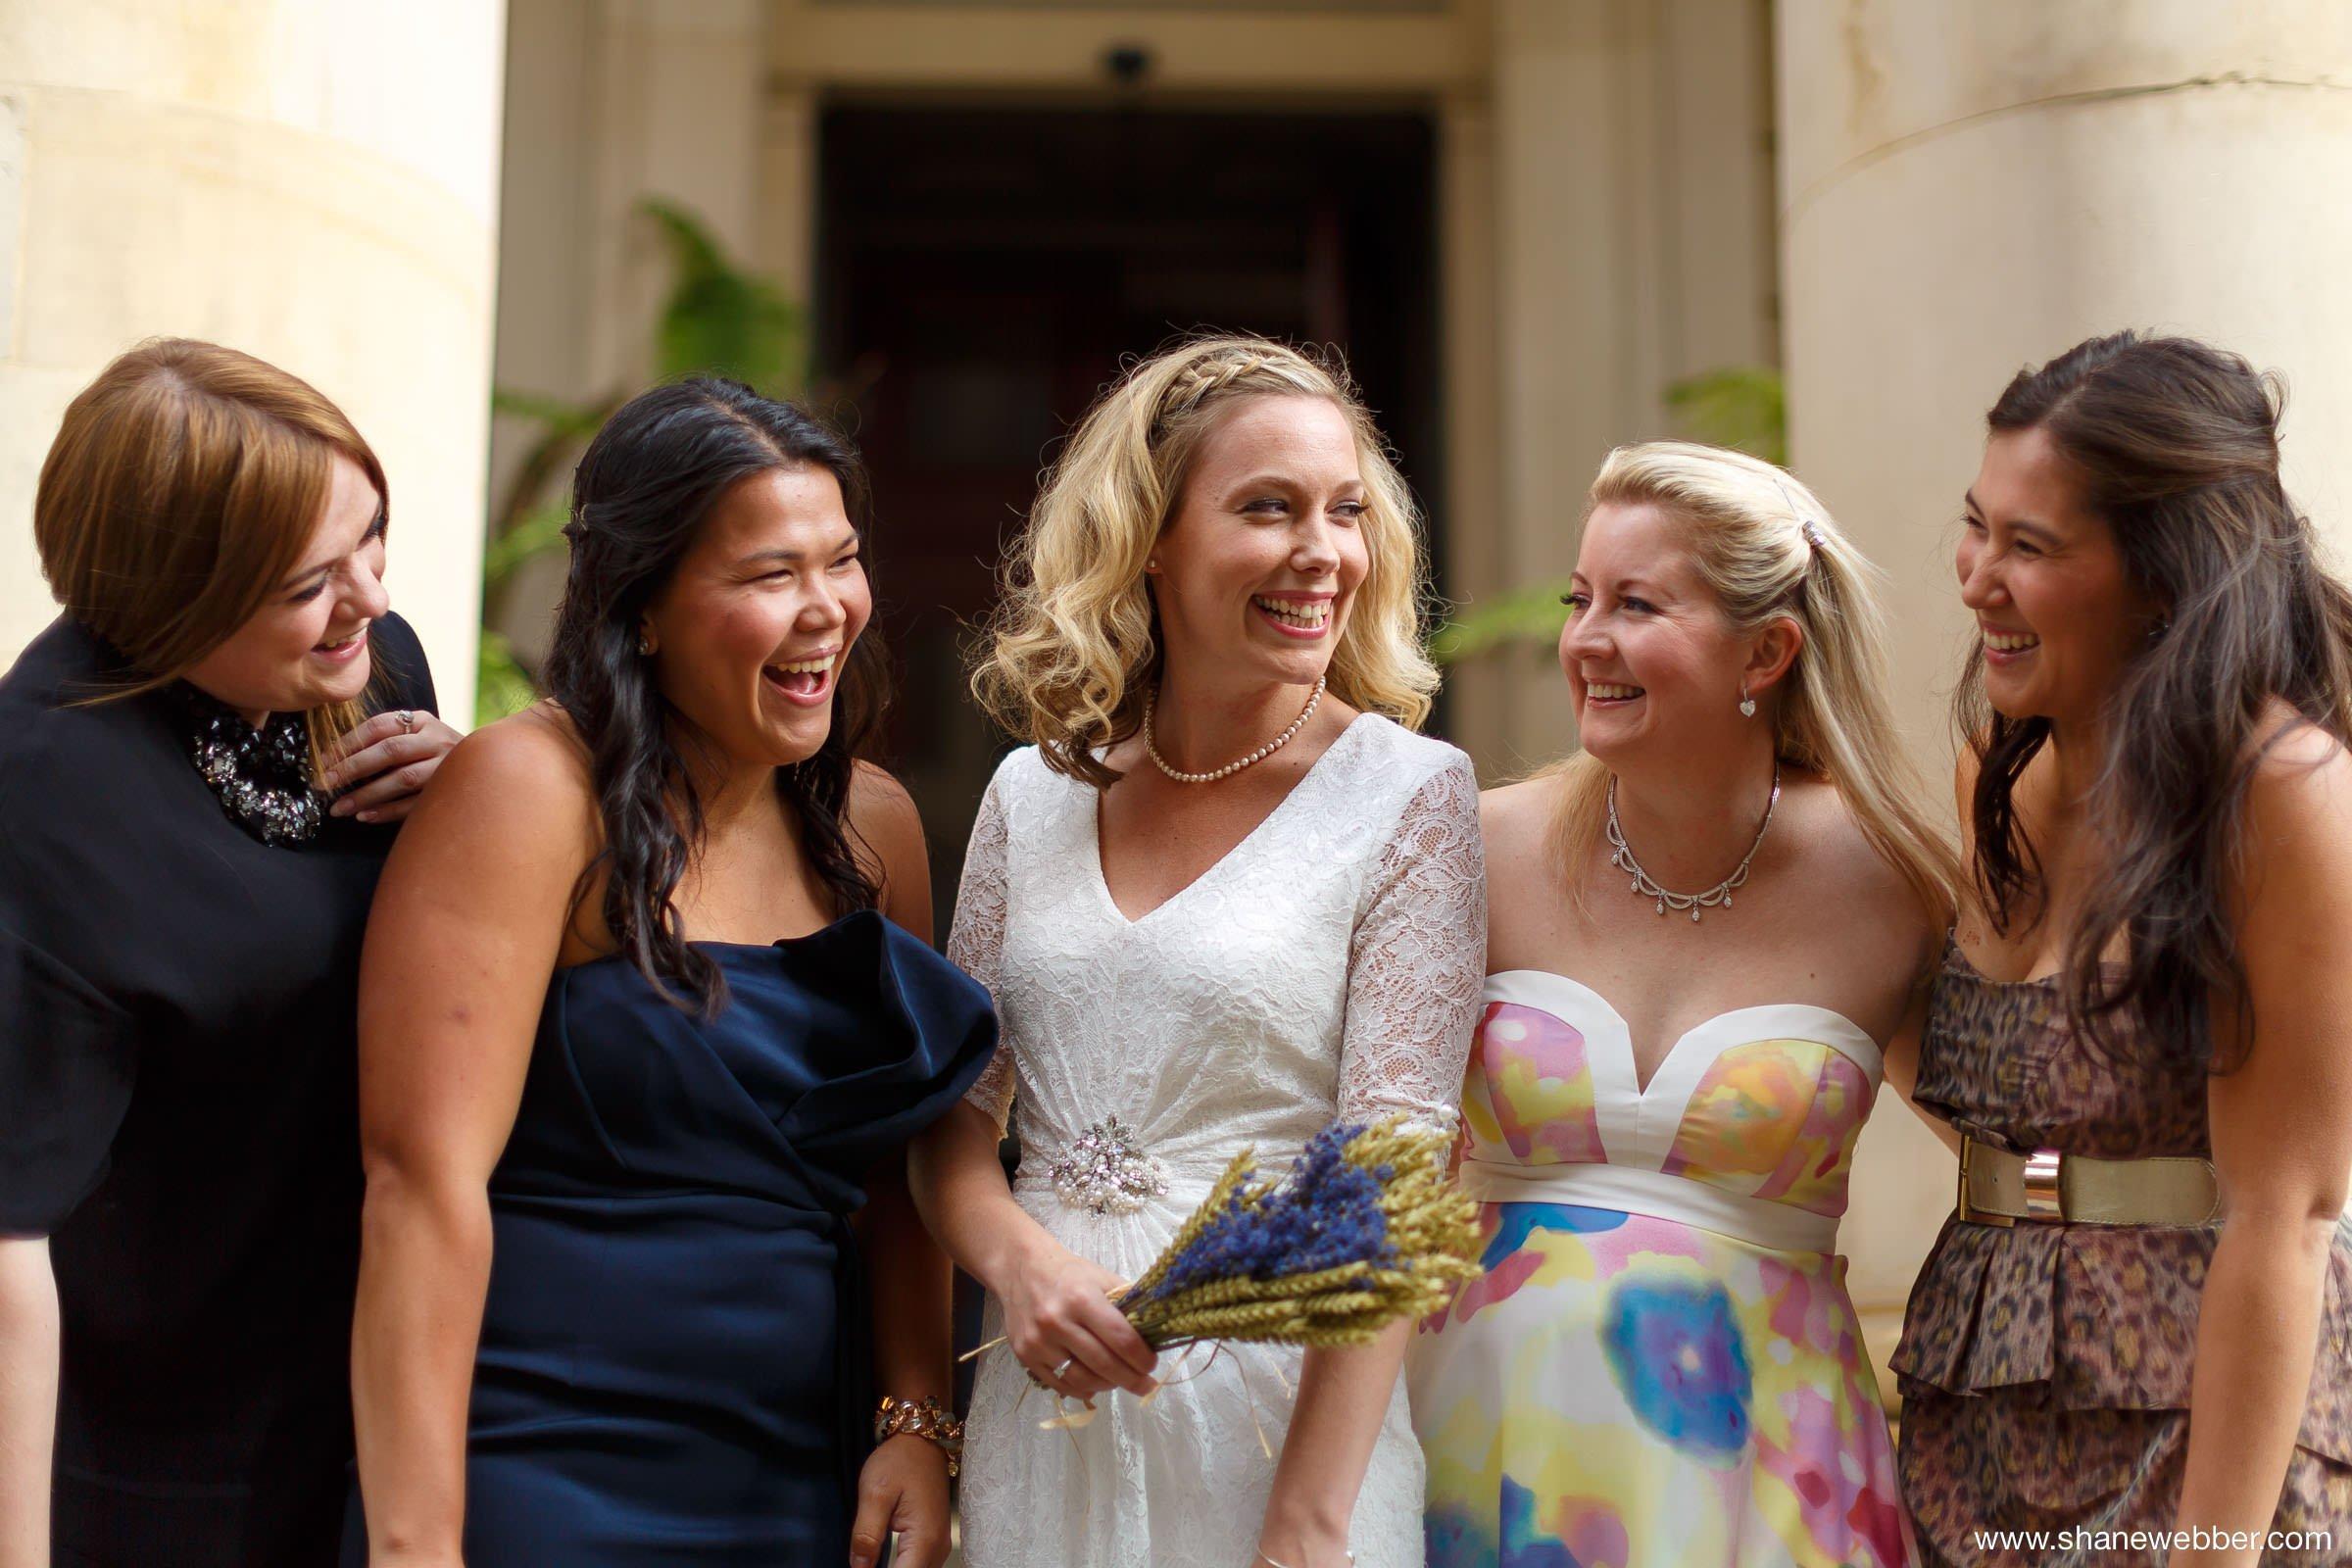 Natural photo of bridesmaids and bride